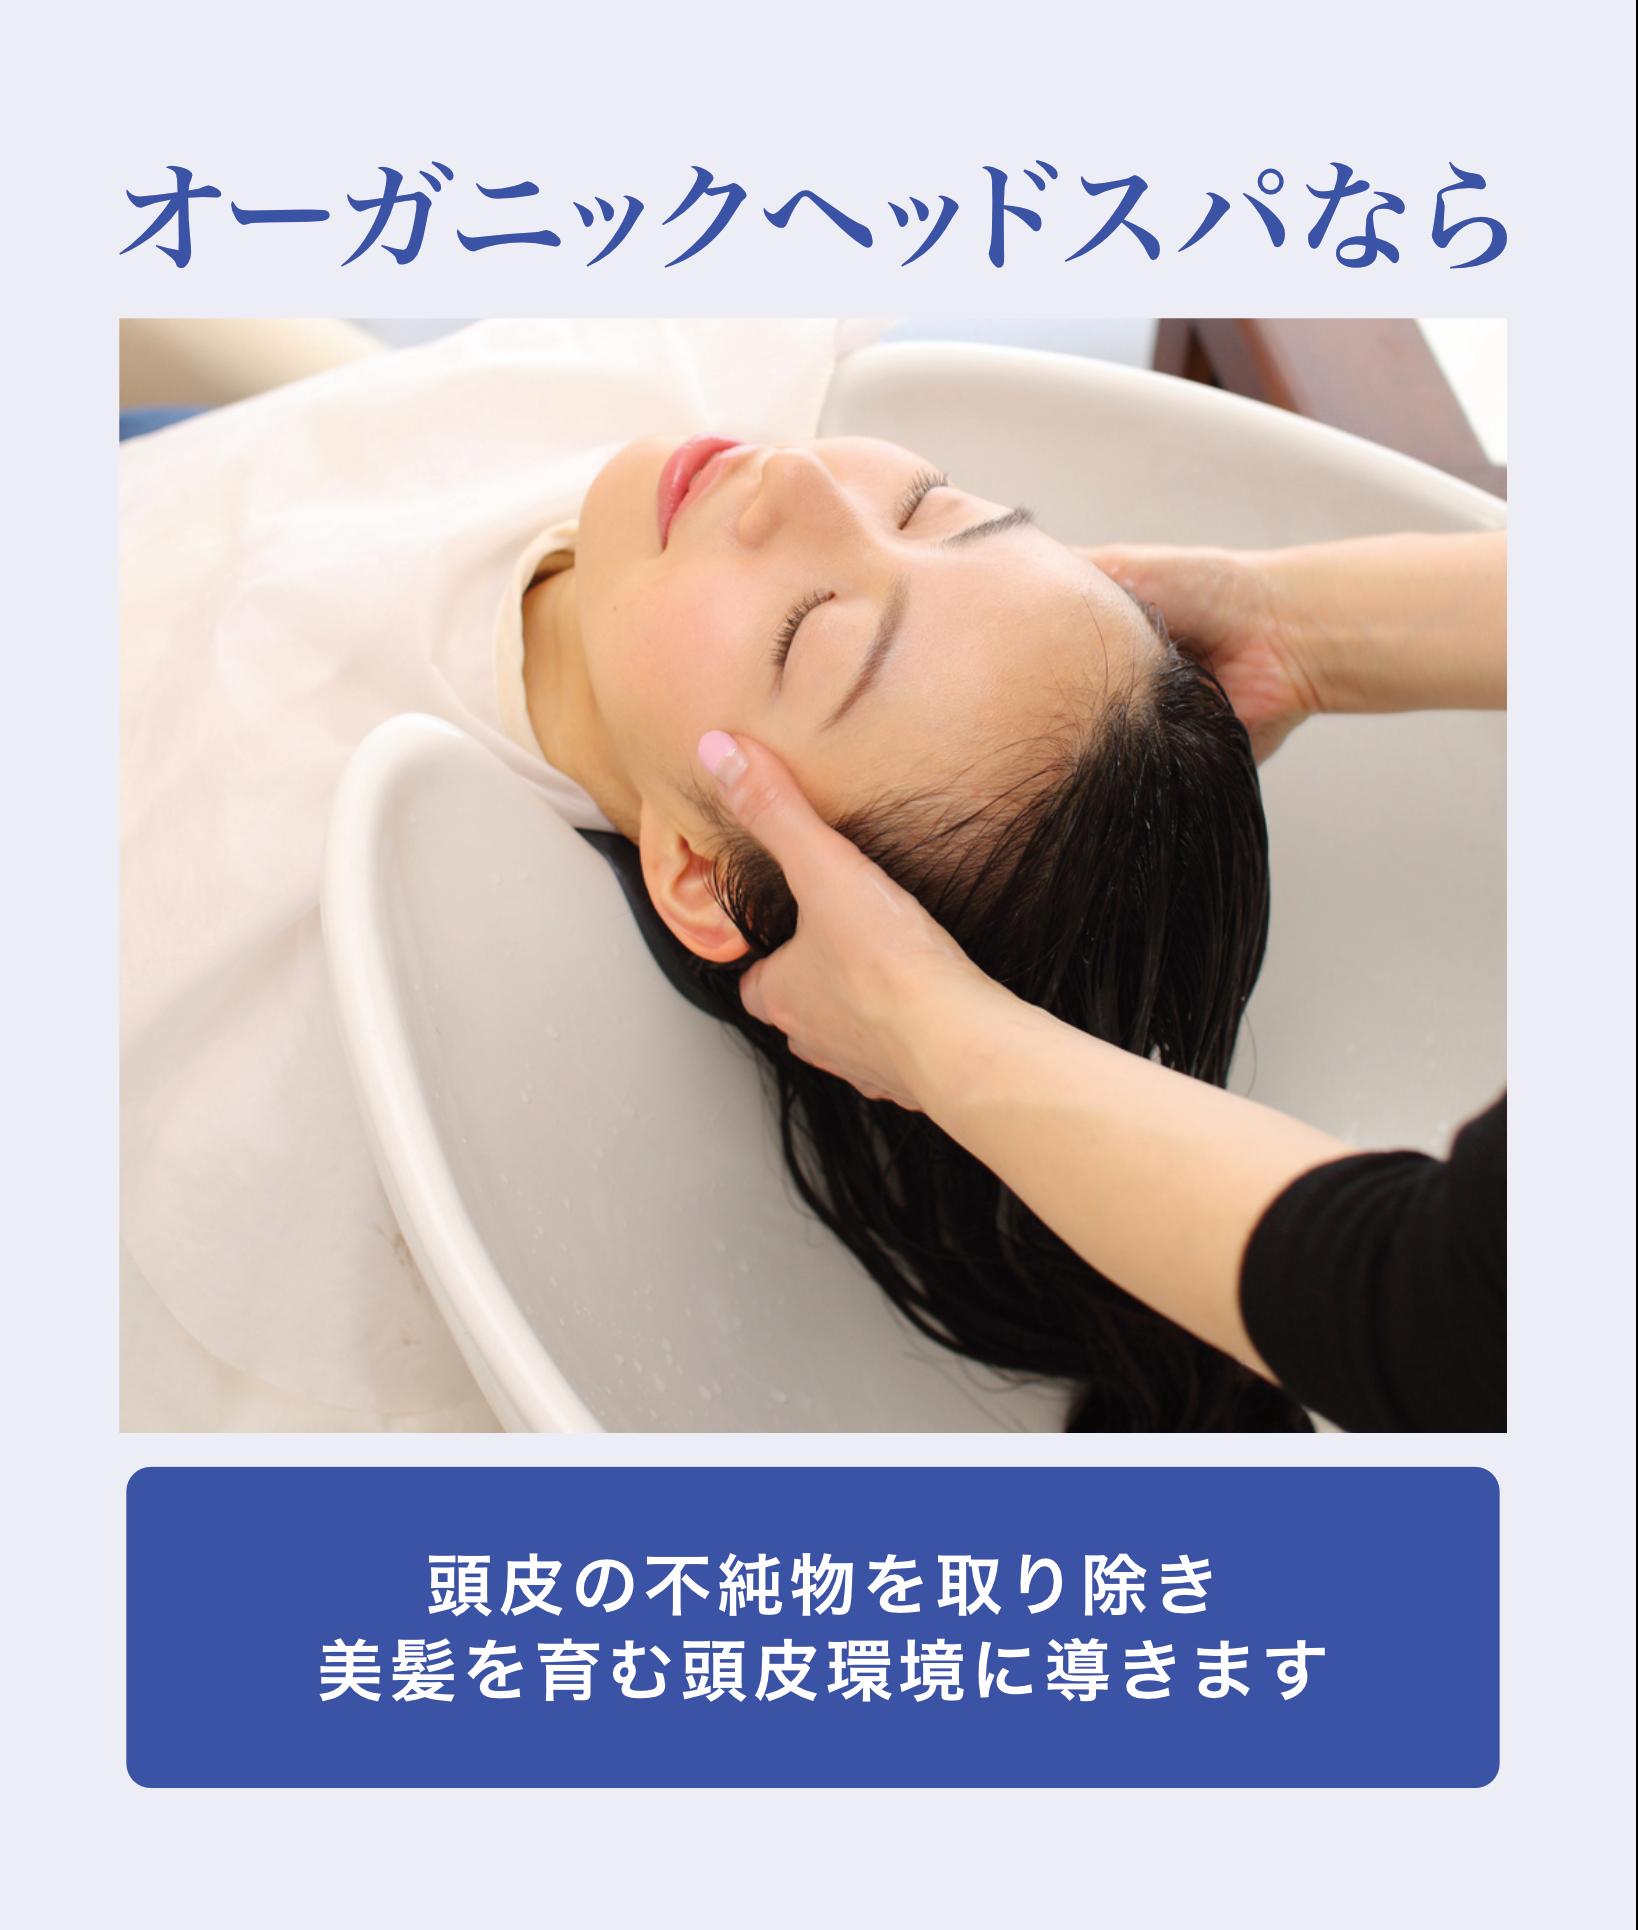 オーガニックヘッドスパなら 頭皮の不純物を取り除き美髪を育む頭皮環境に導きます